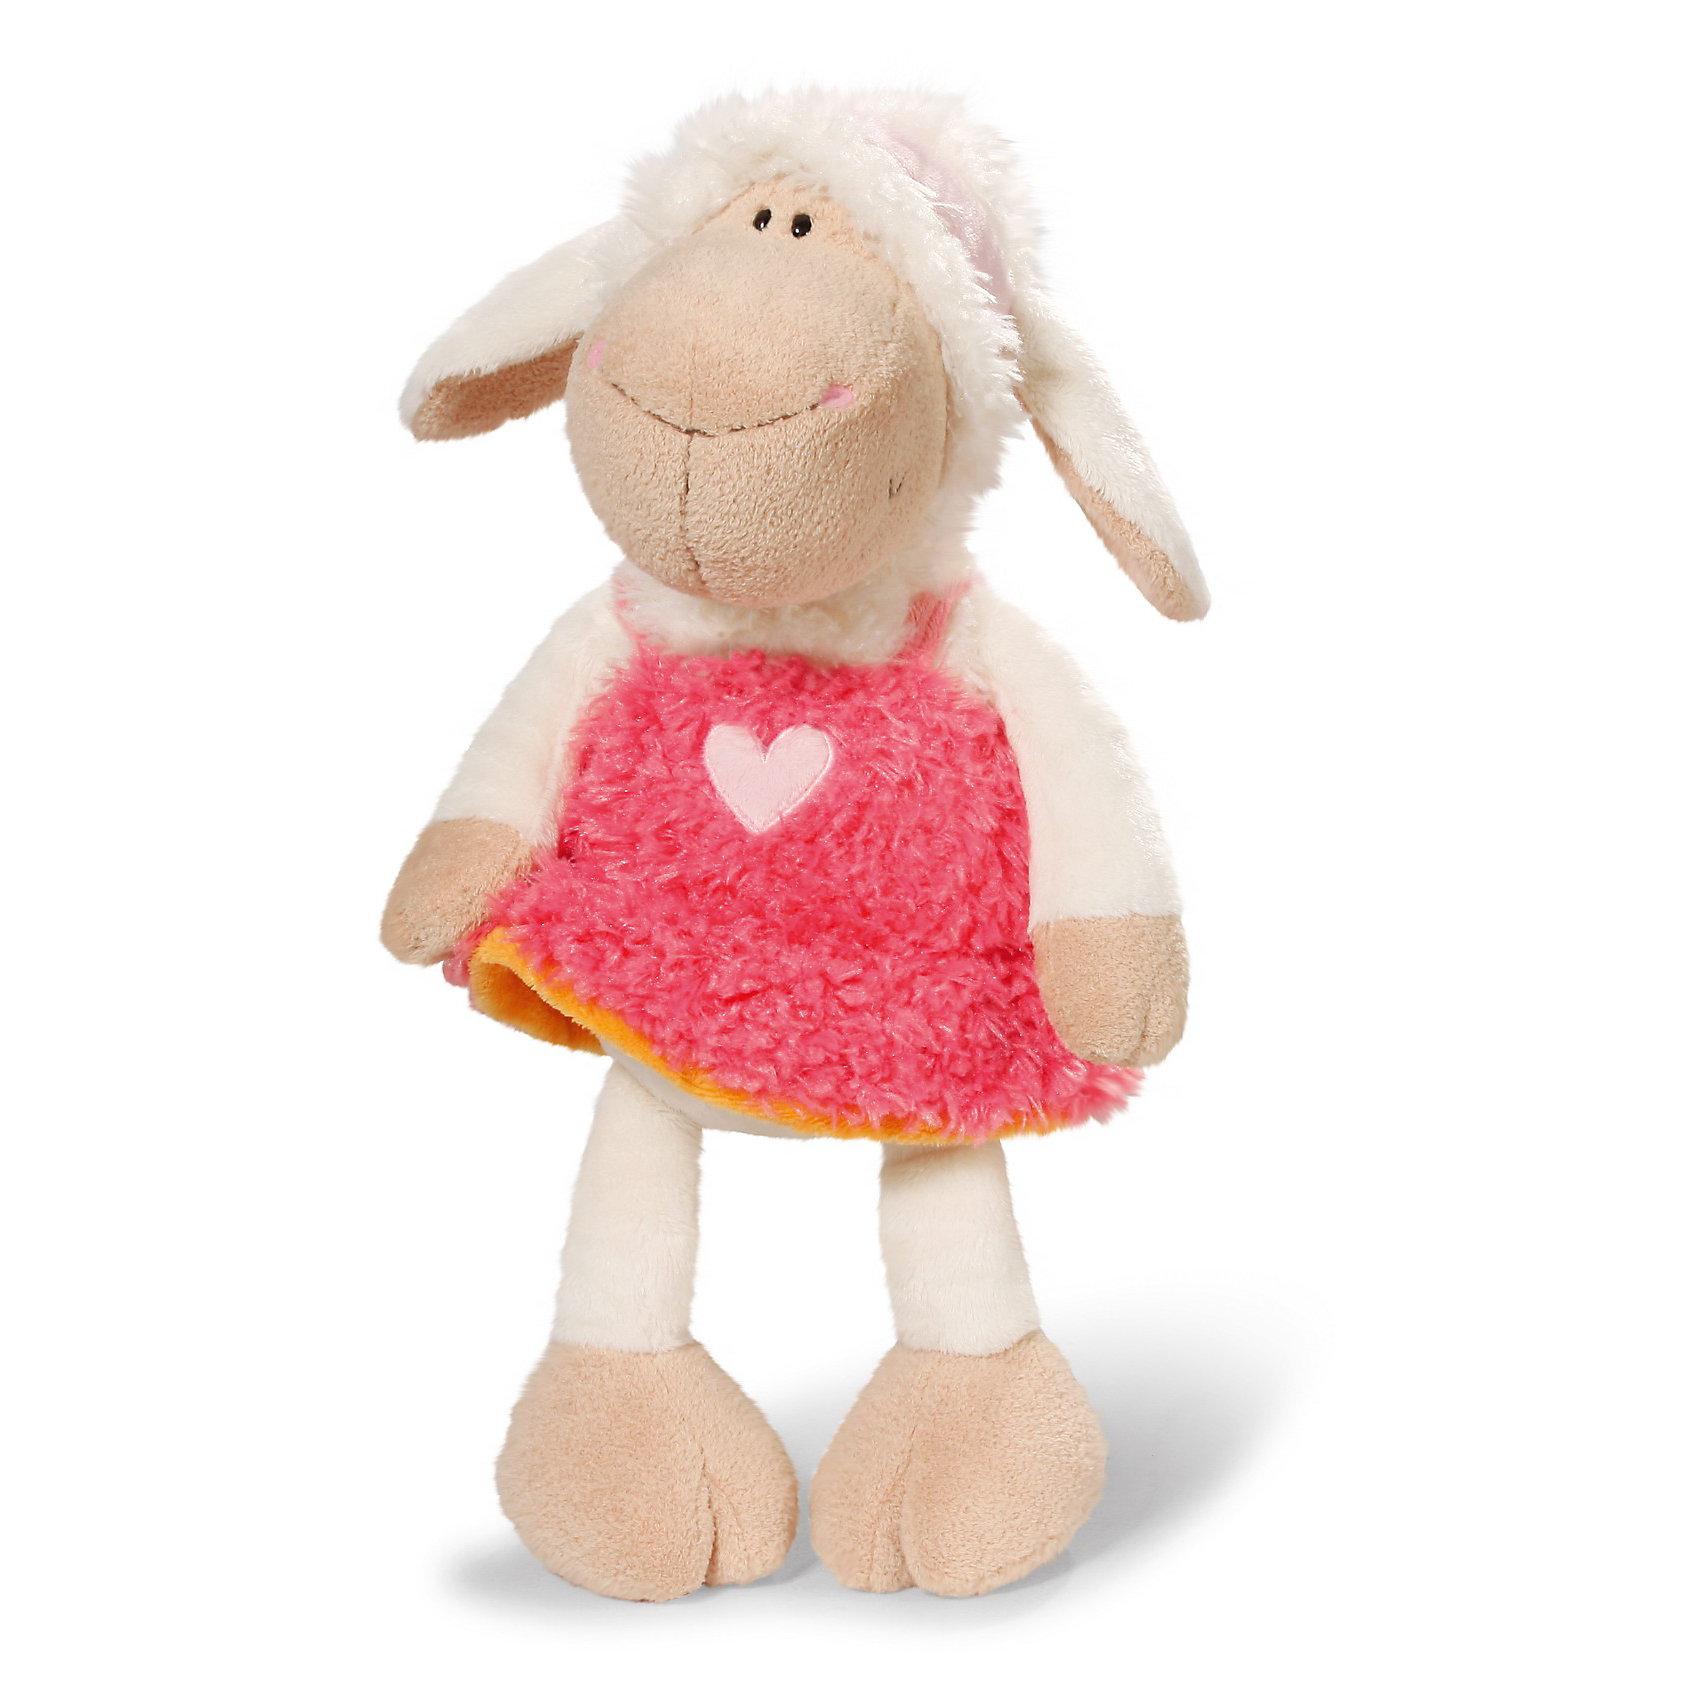 Овечка Фрэнсис, 25см,  NICIПлюшевая зверушка Овечка Фрэнсис, 25см от NICI станет прекрасным подарком для Вашего малыша.<br>Мягкая игрушка Овечка Фрэнсис, сидячая – это восхитительная плюшевая игрушка от немецкого производителя Nici. Очаровательная овечка станет лучшим другом Вашего малыша на долгие годы. У игрушки мягкая приятная на ощупь шерстка, а потому его так приятно обнимать и прижимать к себе. Основной цвет игрушки – белый. Лапки и мордочка овечки бежевого цвета. Овечка Фрэнсис очень стильная и всегда следит за модными тенденциями. Она одета в нарядное розовое платьице с вышитым на груди сердечком. Глазки у Фрэнсис пластиковые.<br>Игрушку можно посадить на ровную поверхность. Она изготовлена из экологически чистых материалов: высококачественного плюша с набивкой из гипоаллергенного синтепона. Не деформируется и не теряет внешний вид при стирке.<br><br>Дополнительная информация:<br><br>- Высота игрушки: 25 см.<br>- Материал: плюш, синтепон<br><br>Мягкую игрушку Овечка Фрэнсис, 25см можно купить в нашем интернет-магазине.<br><br>Ширина мм: 283<br>Глубина мм: 418<br>Высота мм: 88<br>Вес г: 149<br>Возраст от месяцев: 0<br>Возраст до месяцев: 60<br>Пол: Женский<br>Возраст: Детский<br>SKU: 3620089